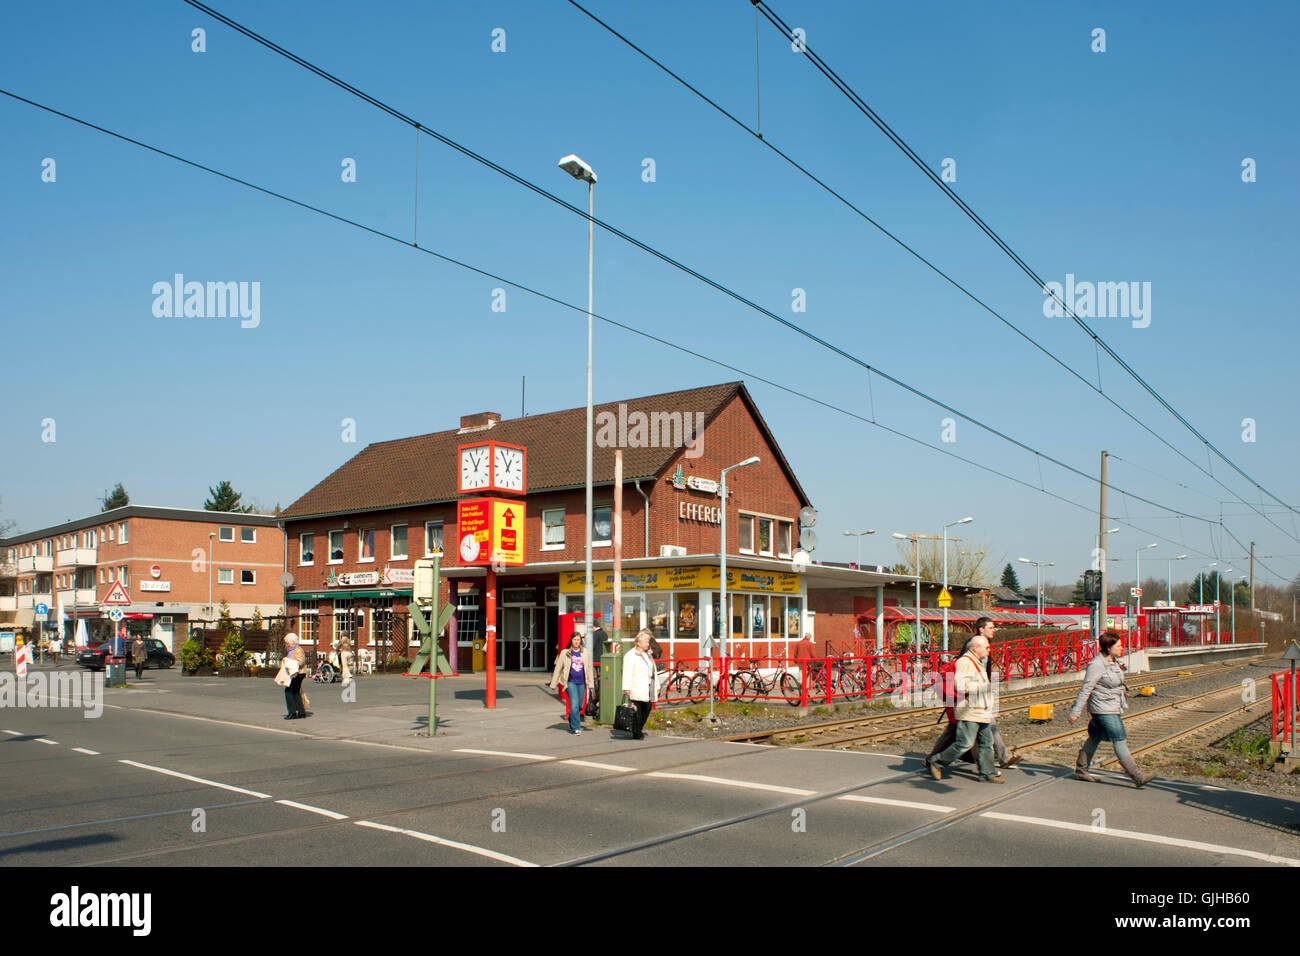 Deutschland, Nordrhein-Westfalen, Rhein-Erft-Kreis, KVB,Hürth-Efferen, Strassenbahnhaltestelle Stock Photo